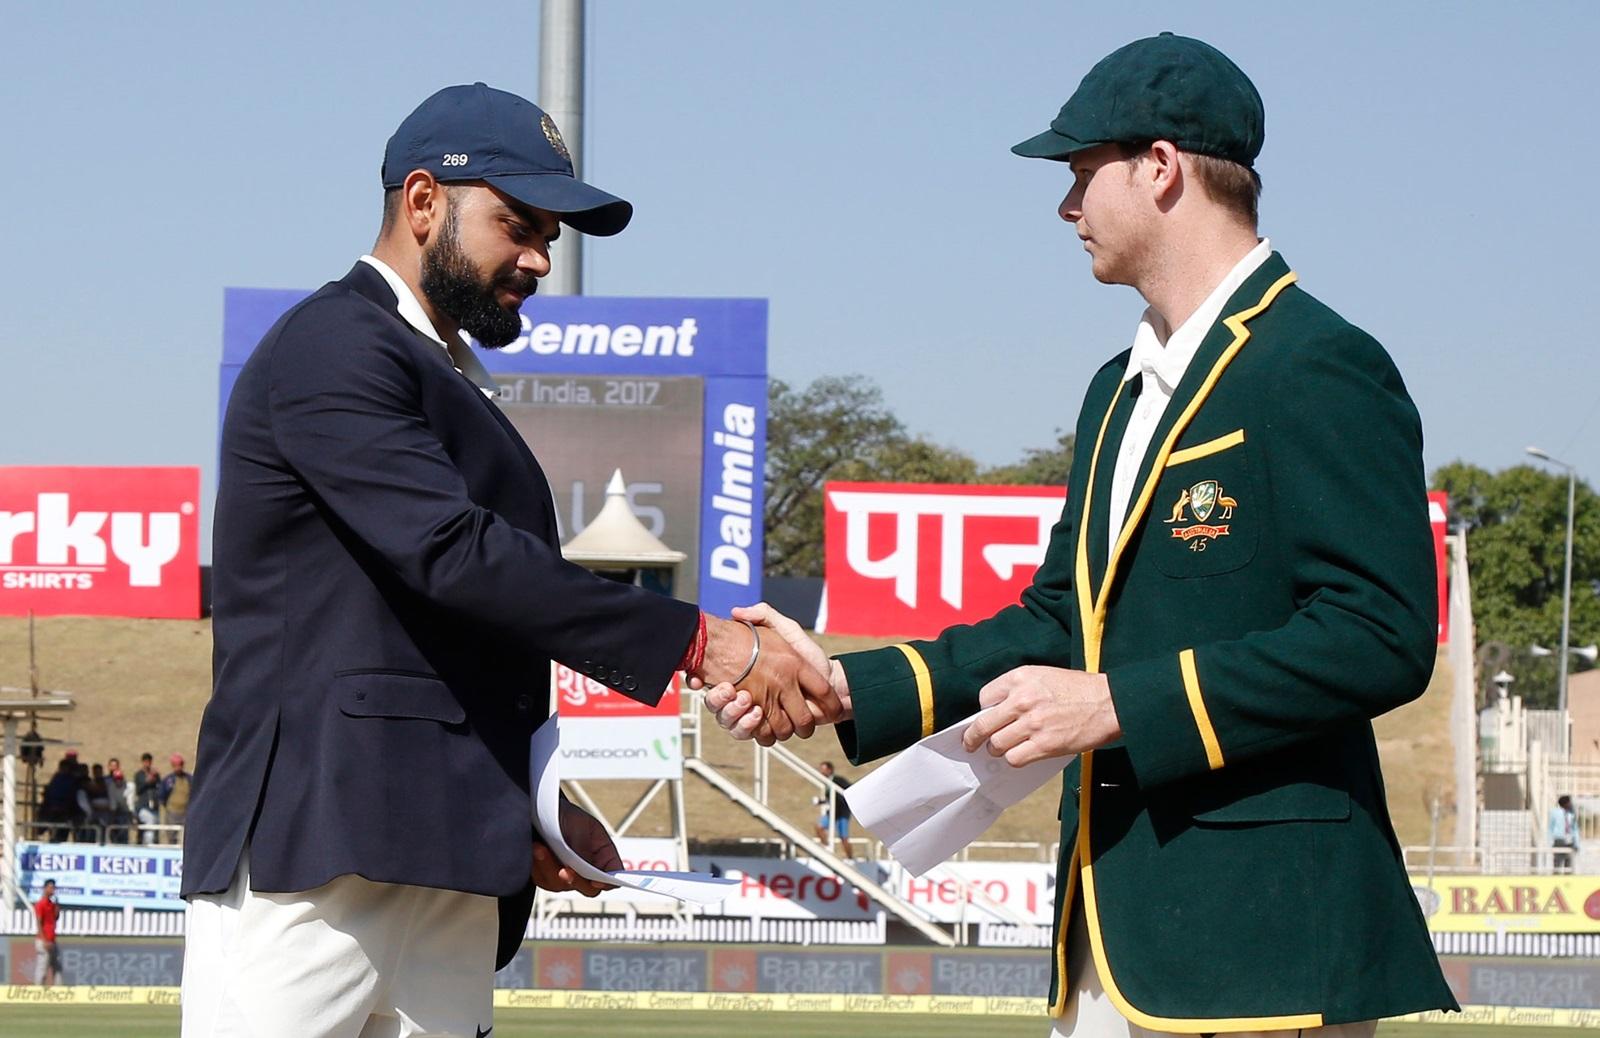 22459eae7 Friendships over after heated series: Kohli | cricket.com.au